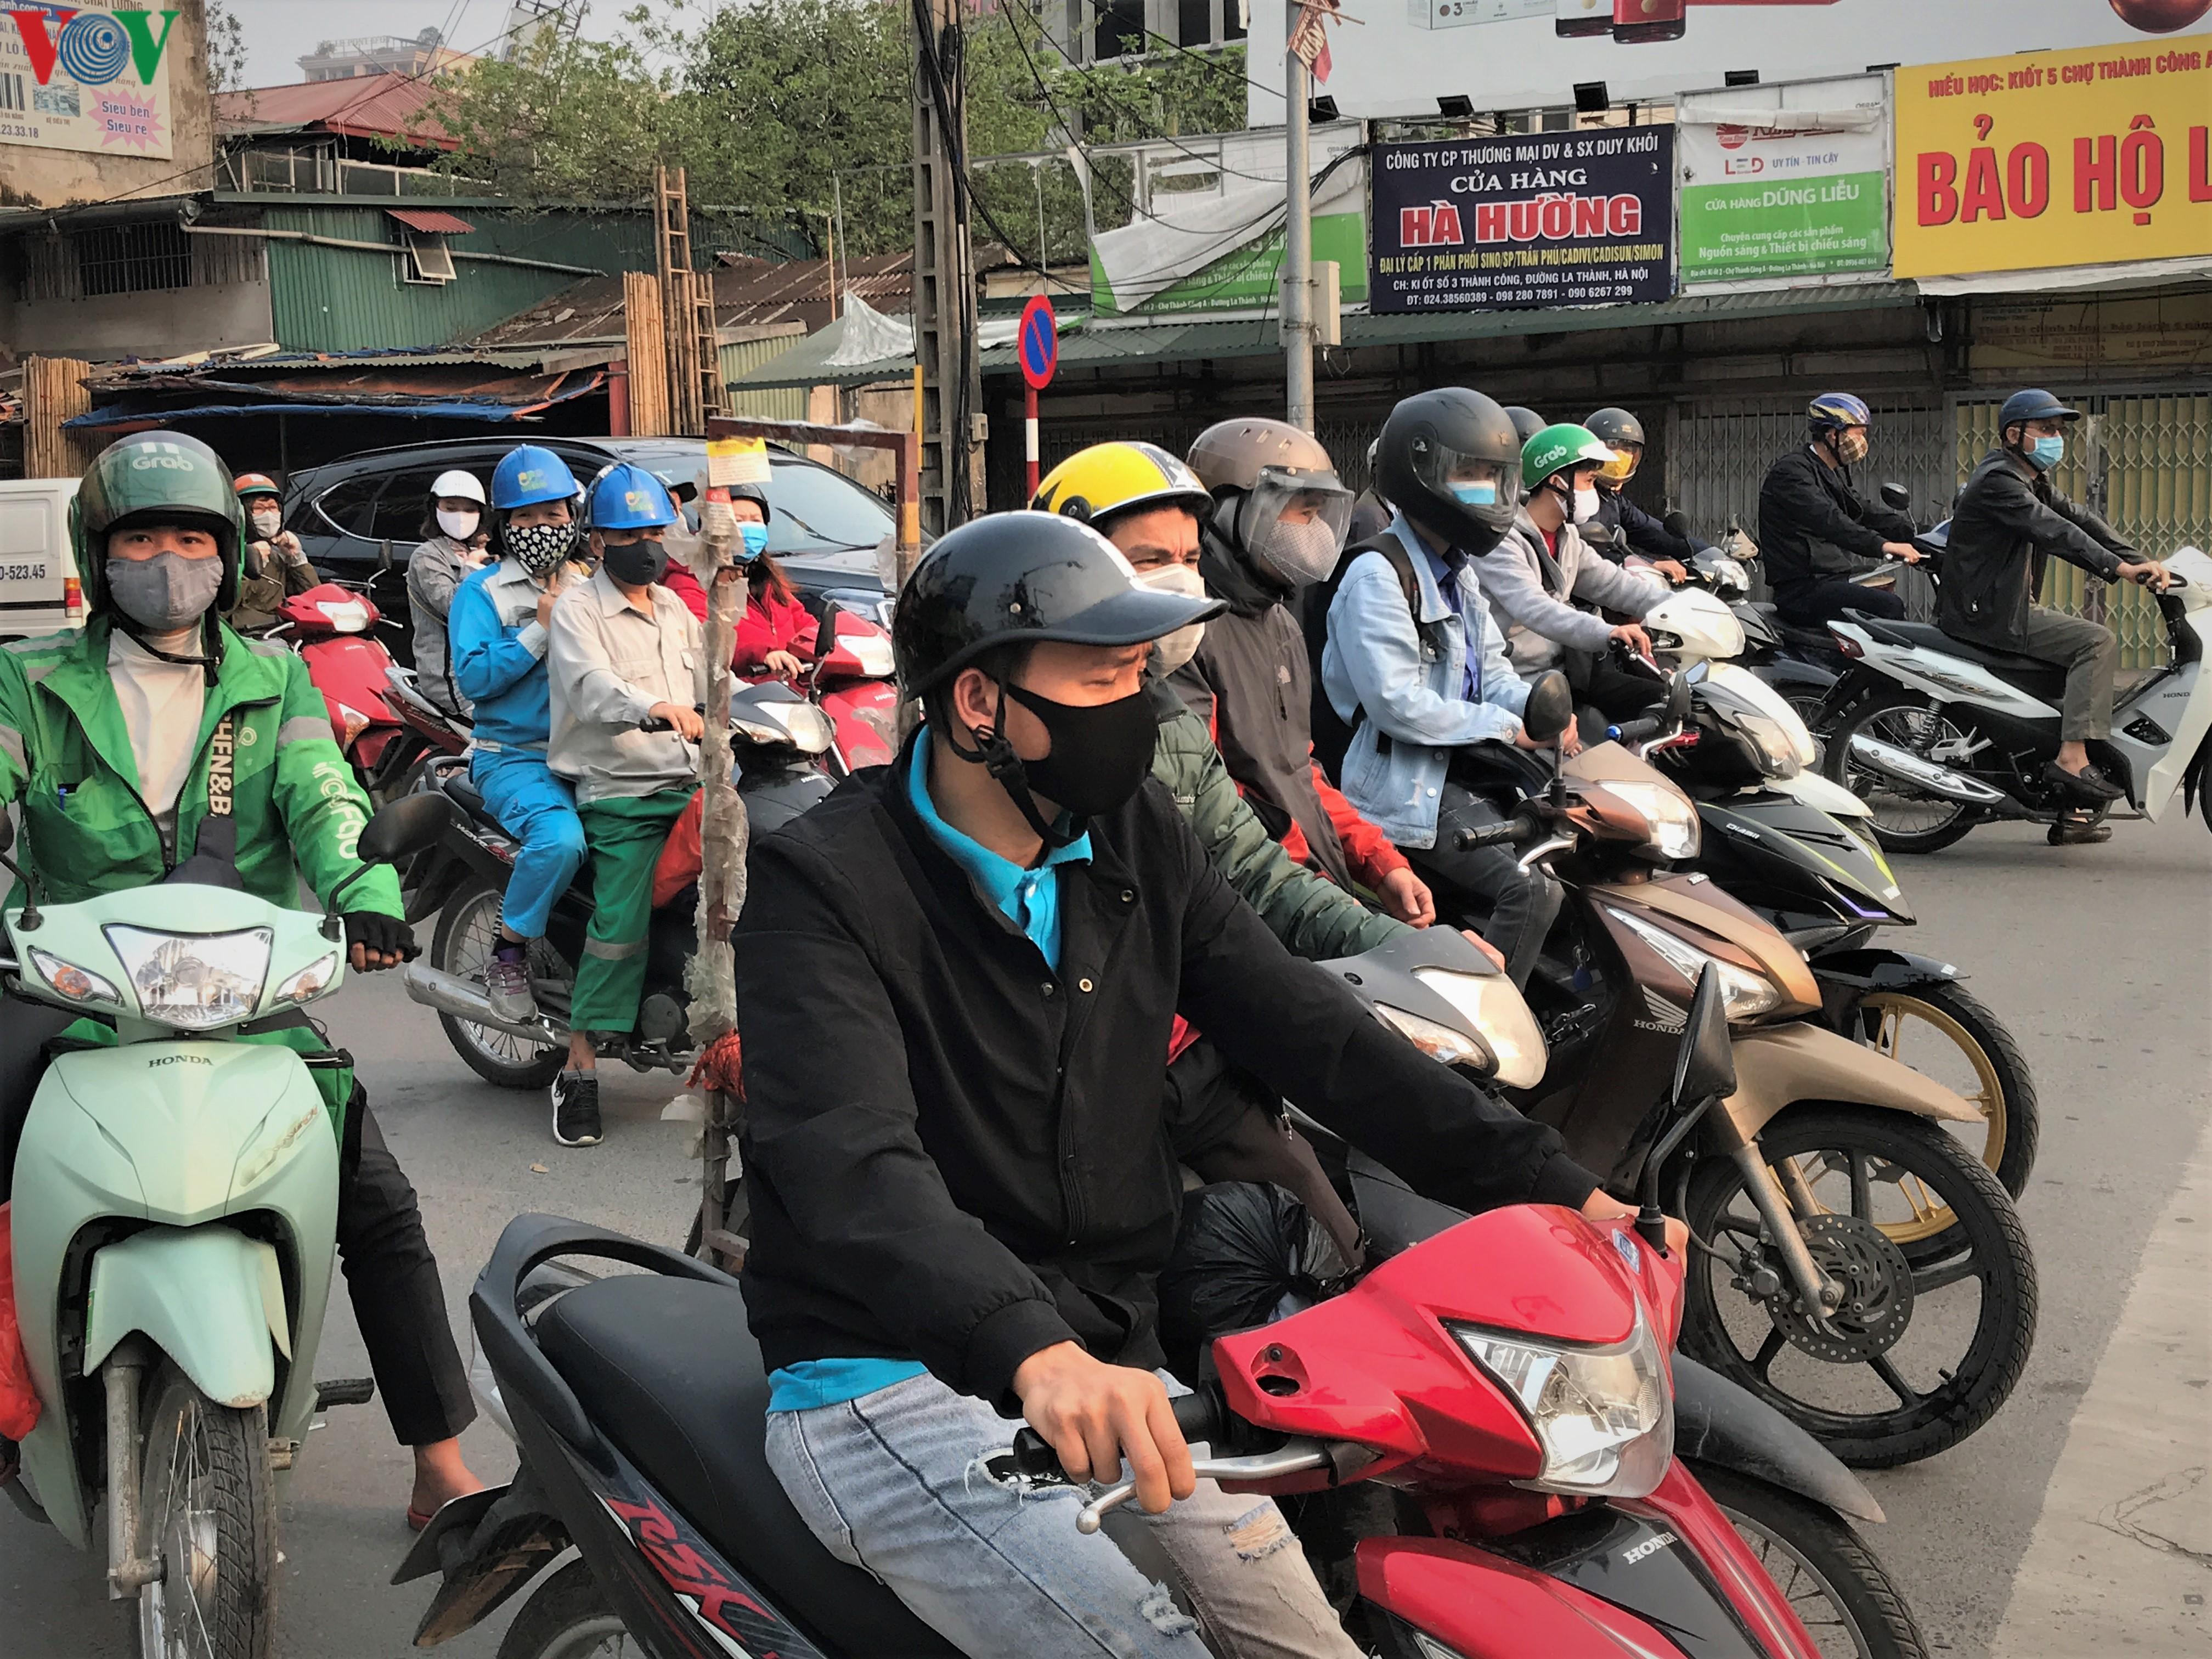 Ngày thứ 9 cách ly xã hội: Người và xe đông chật các ngã tư ở Hà Nội Ảnh 5